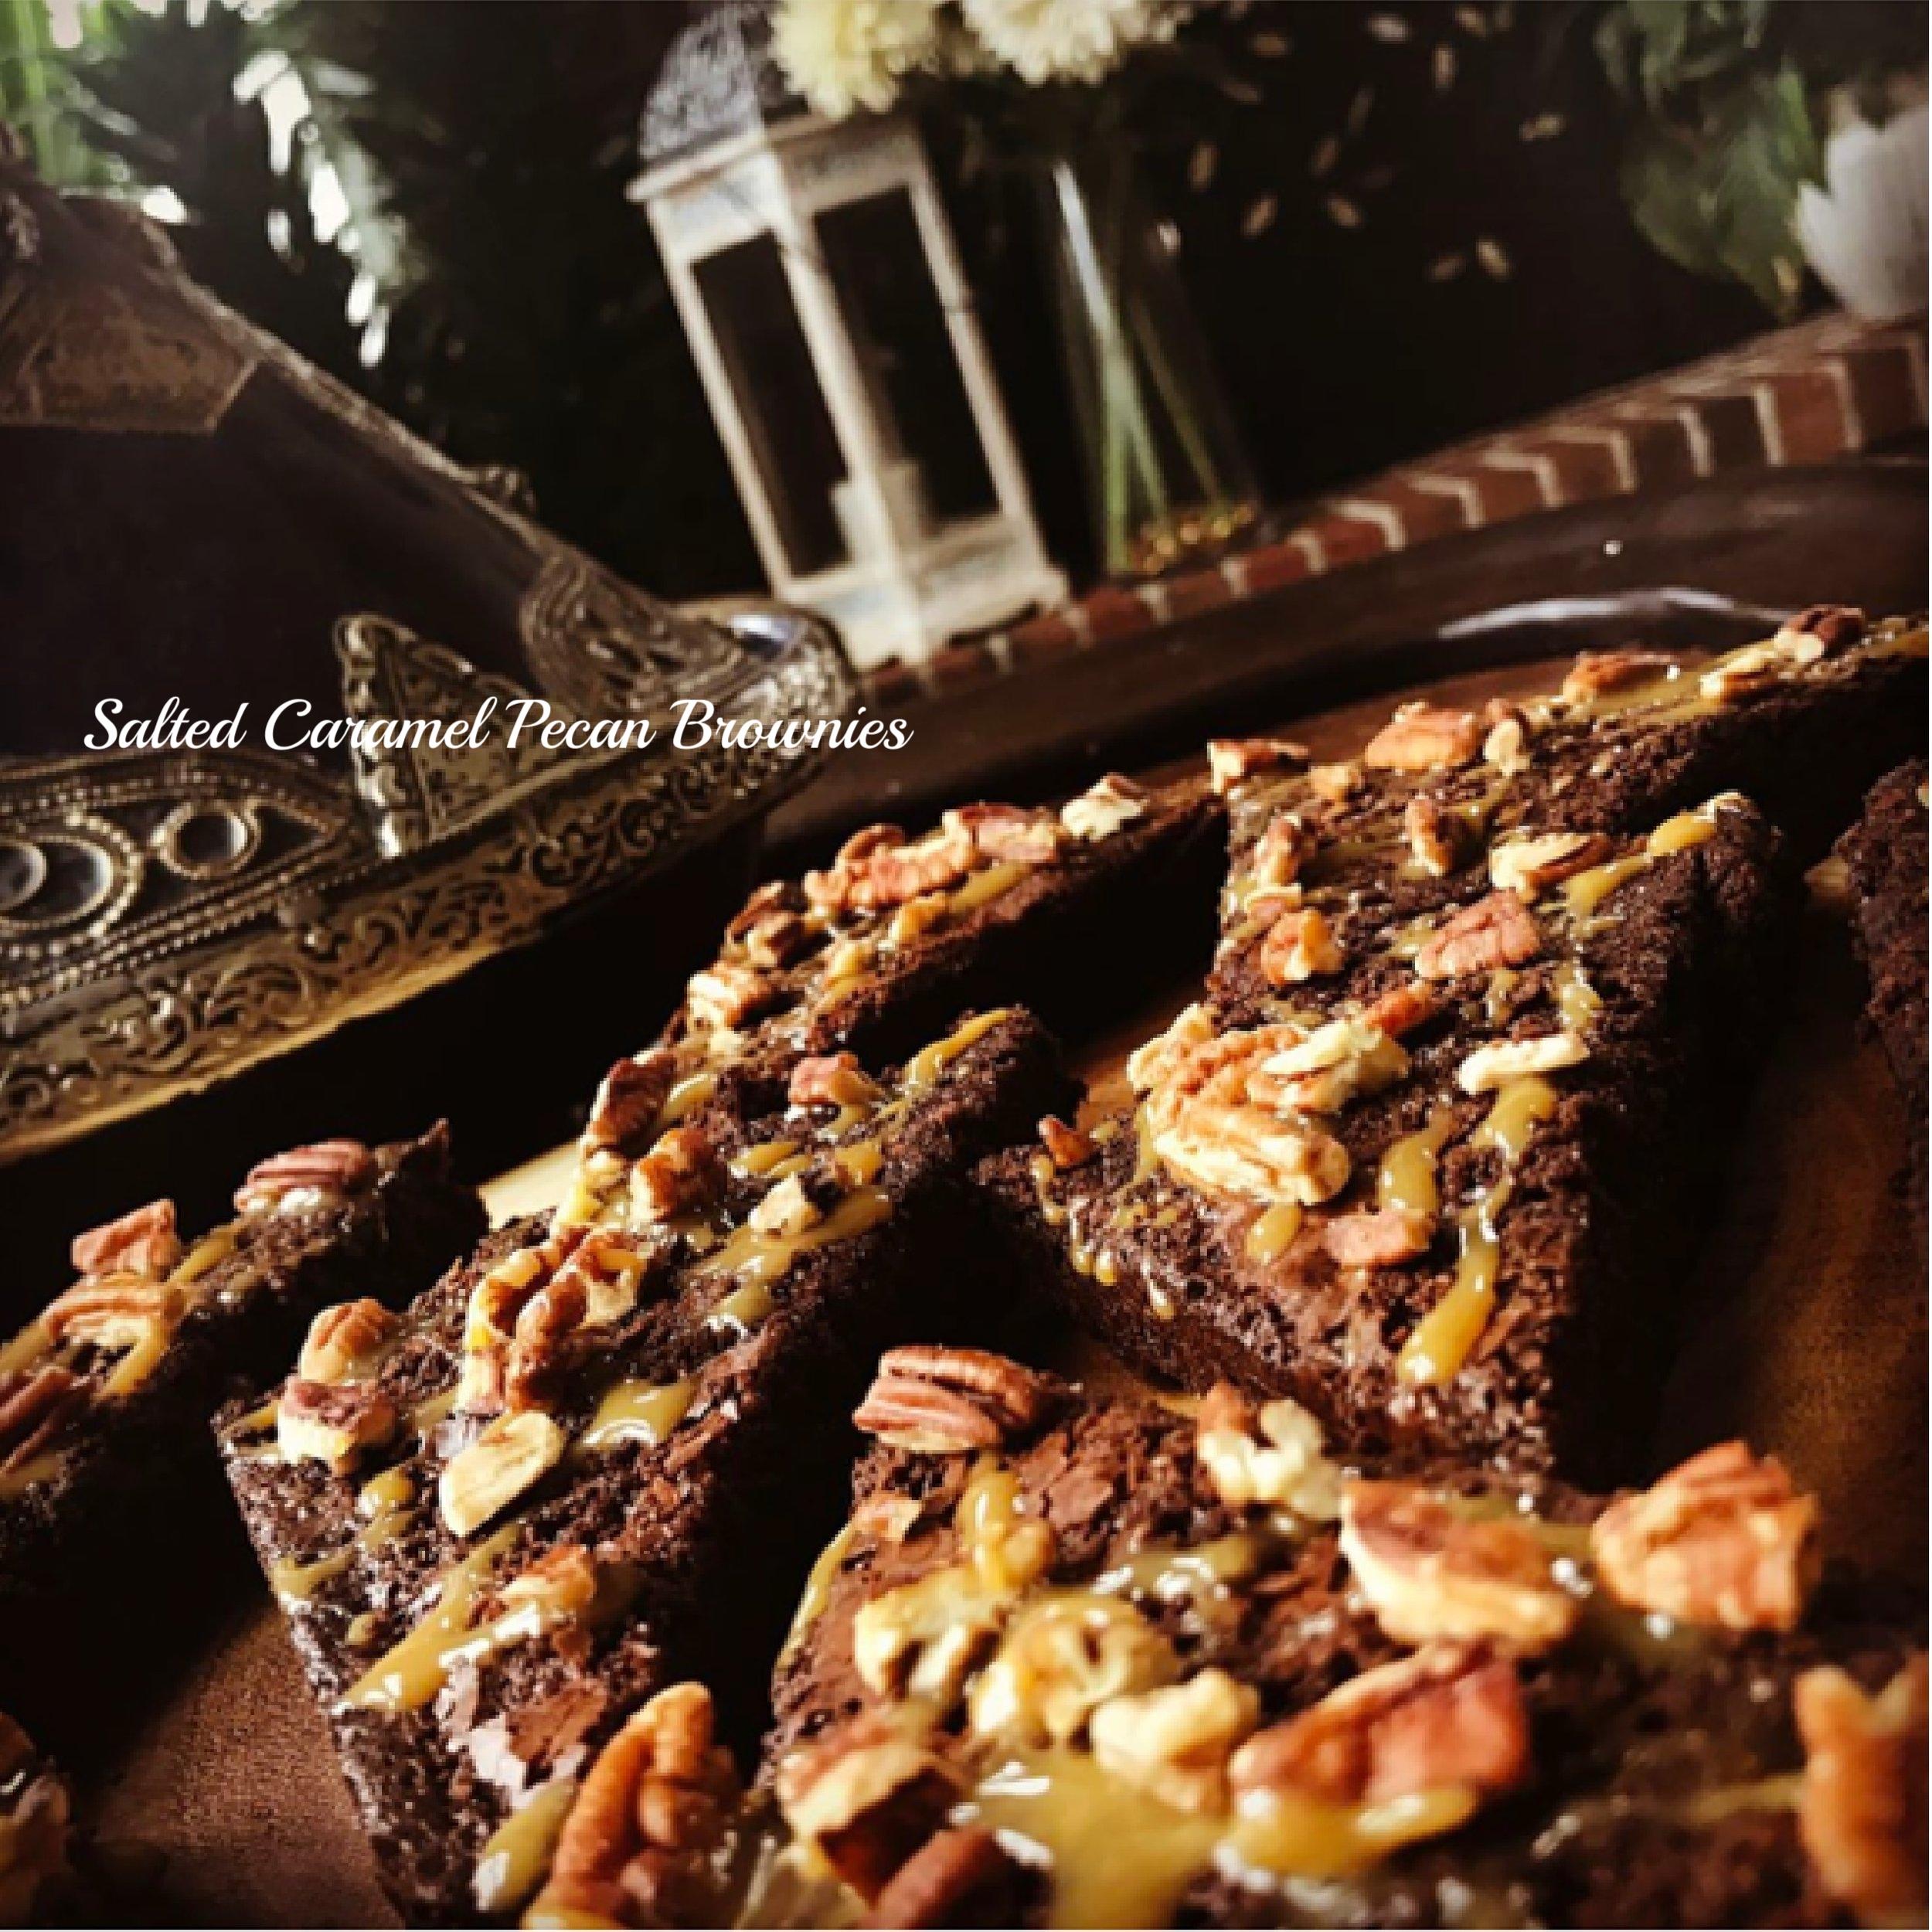 Salted Caramel Pecan Brownies.jpeg